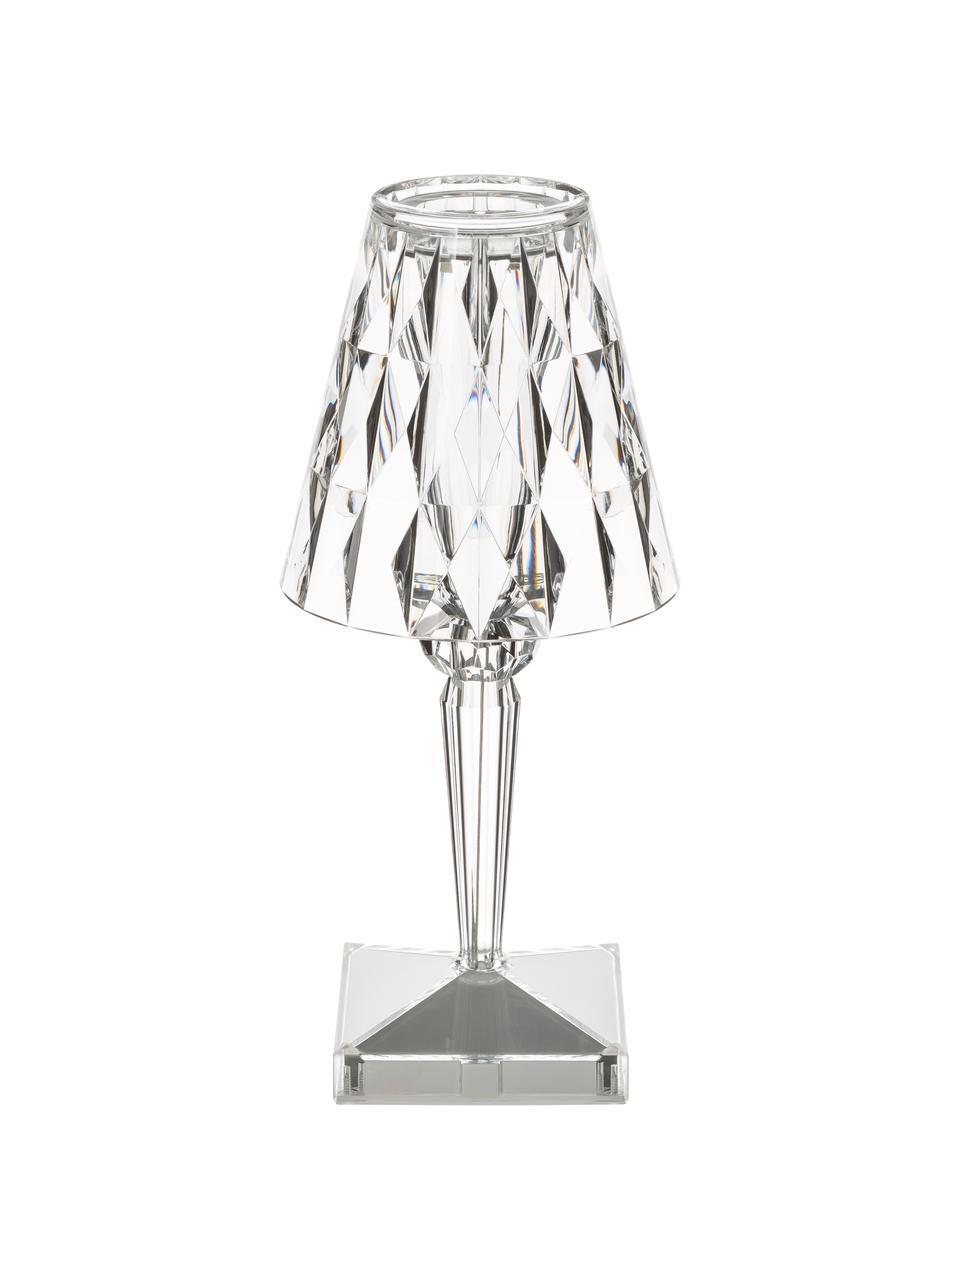 Lampada portatile da tavolo Battery, Paralume: materiale sintetico, Base della lampada: materiale sintetico, Trasparente, Ø 12 x Alt. 26 cm